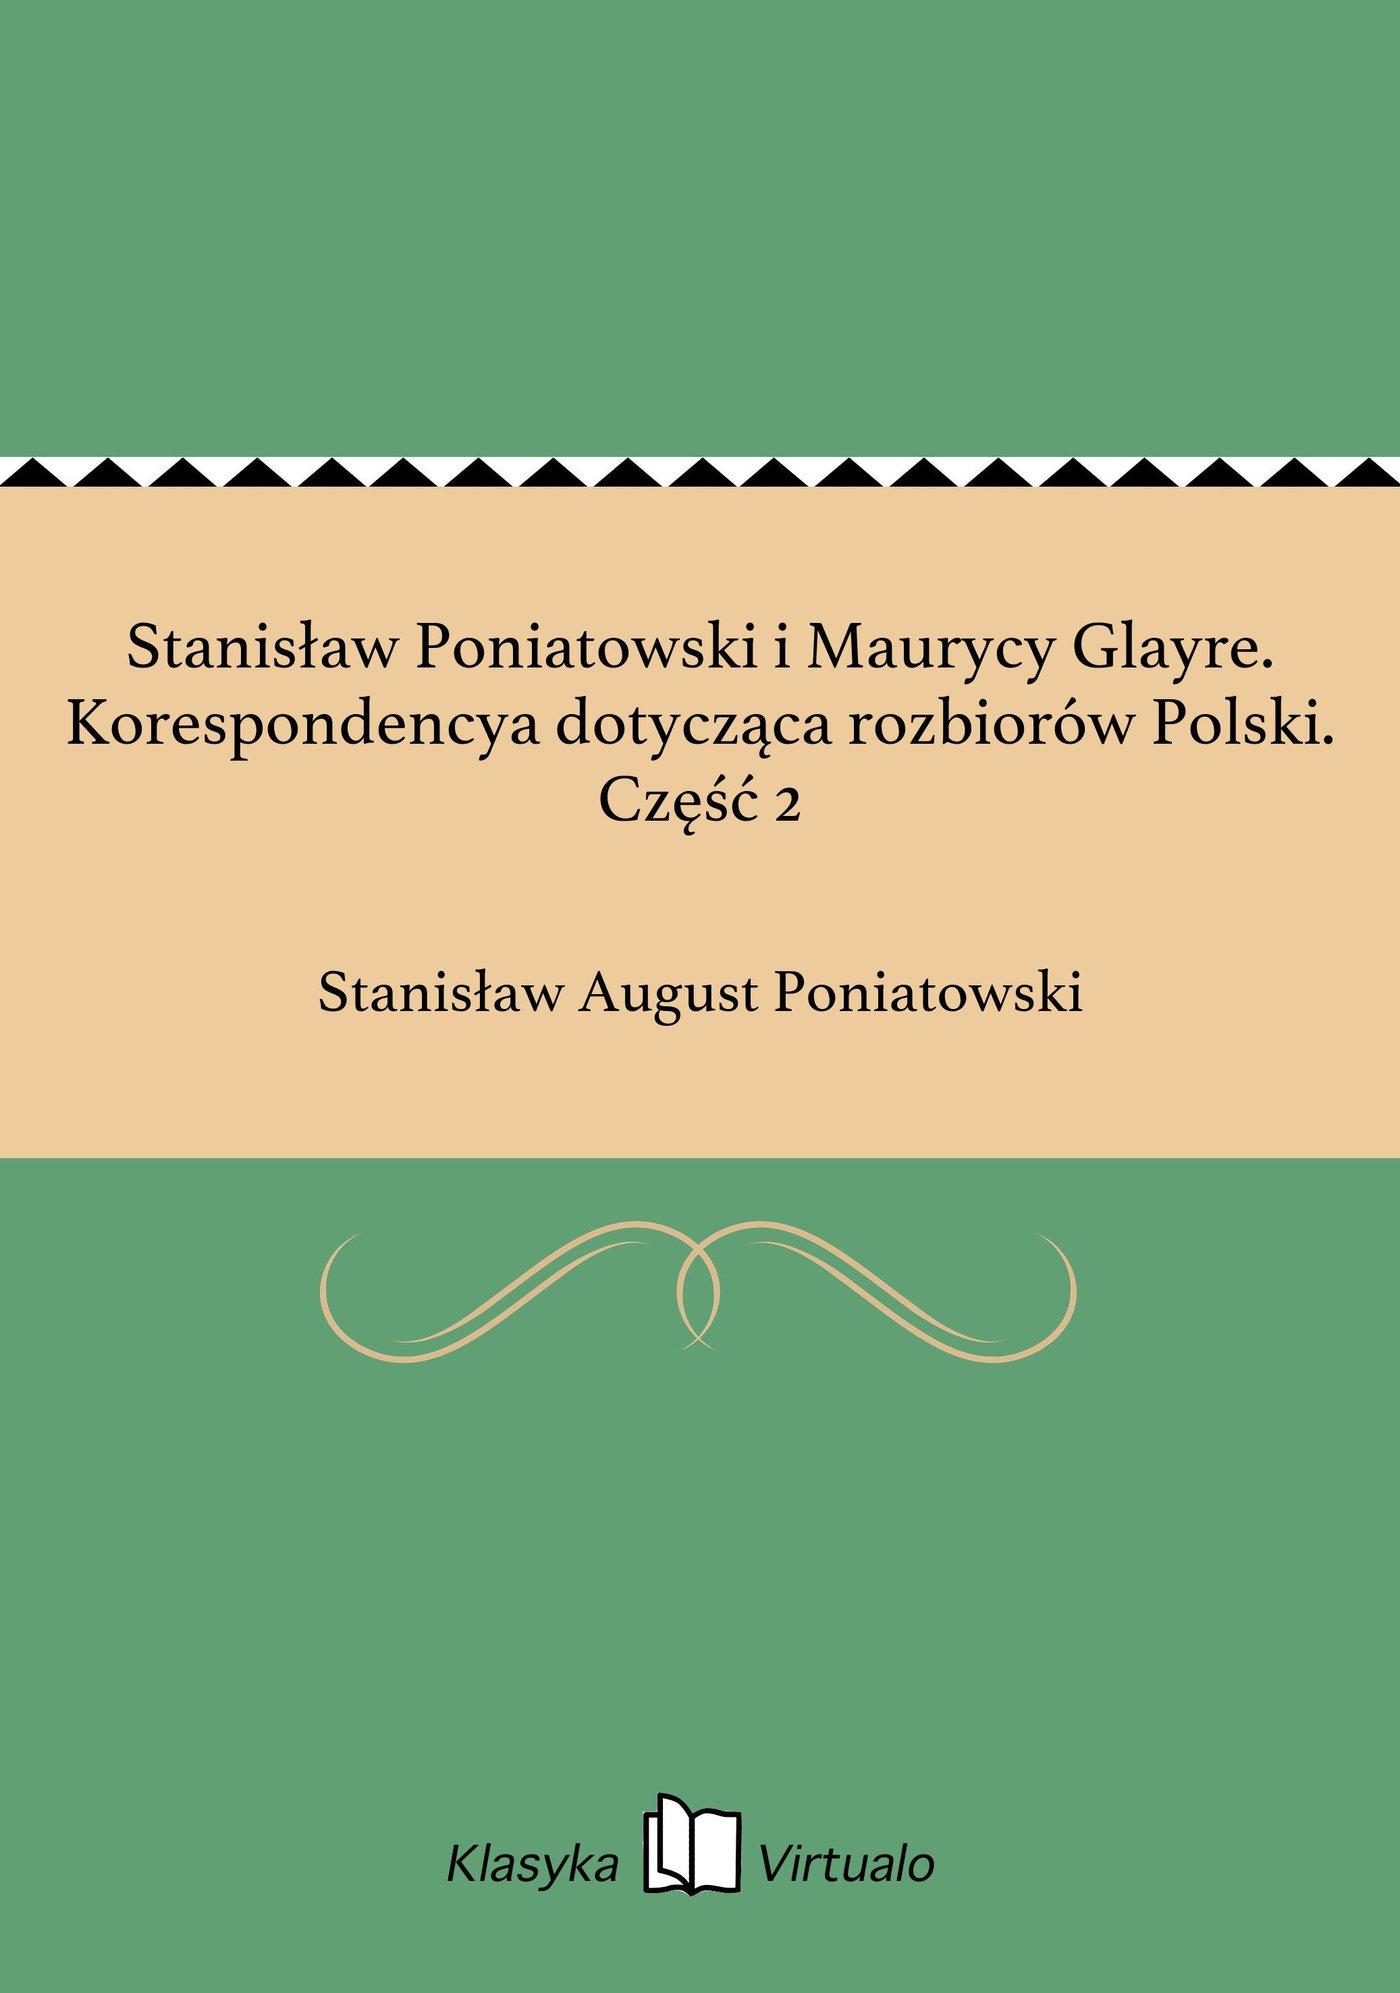 Stanisław Poniatowski i Maurycy Glayre. Korespondencya dotycząca rozbiorów Polski. Część 2 - Ebook (Książka EPUB) do pobrania w formacie EPUB